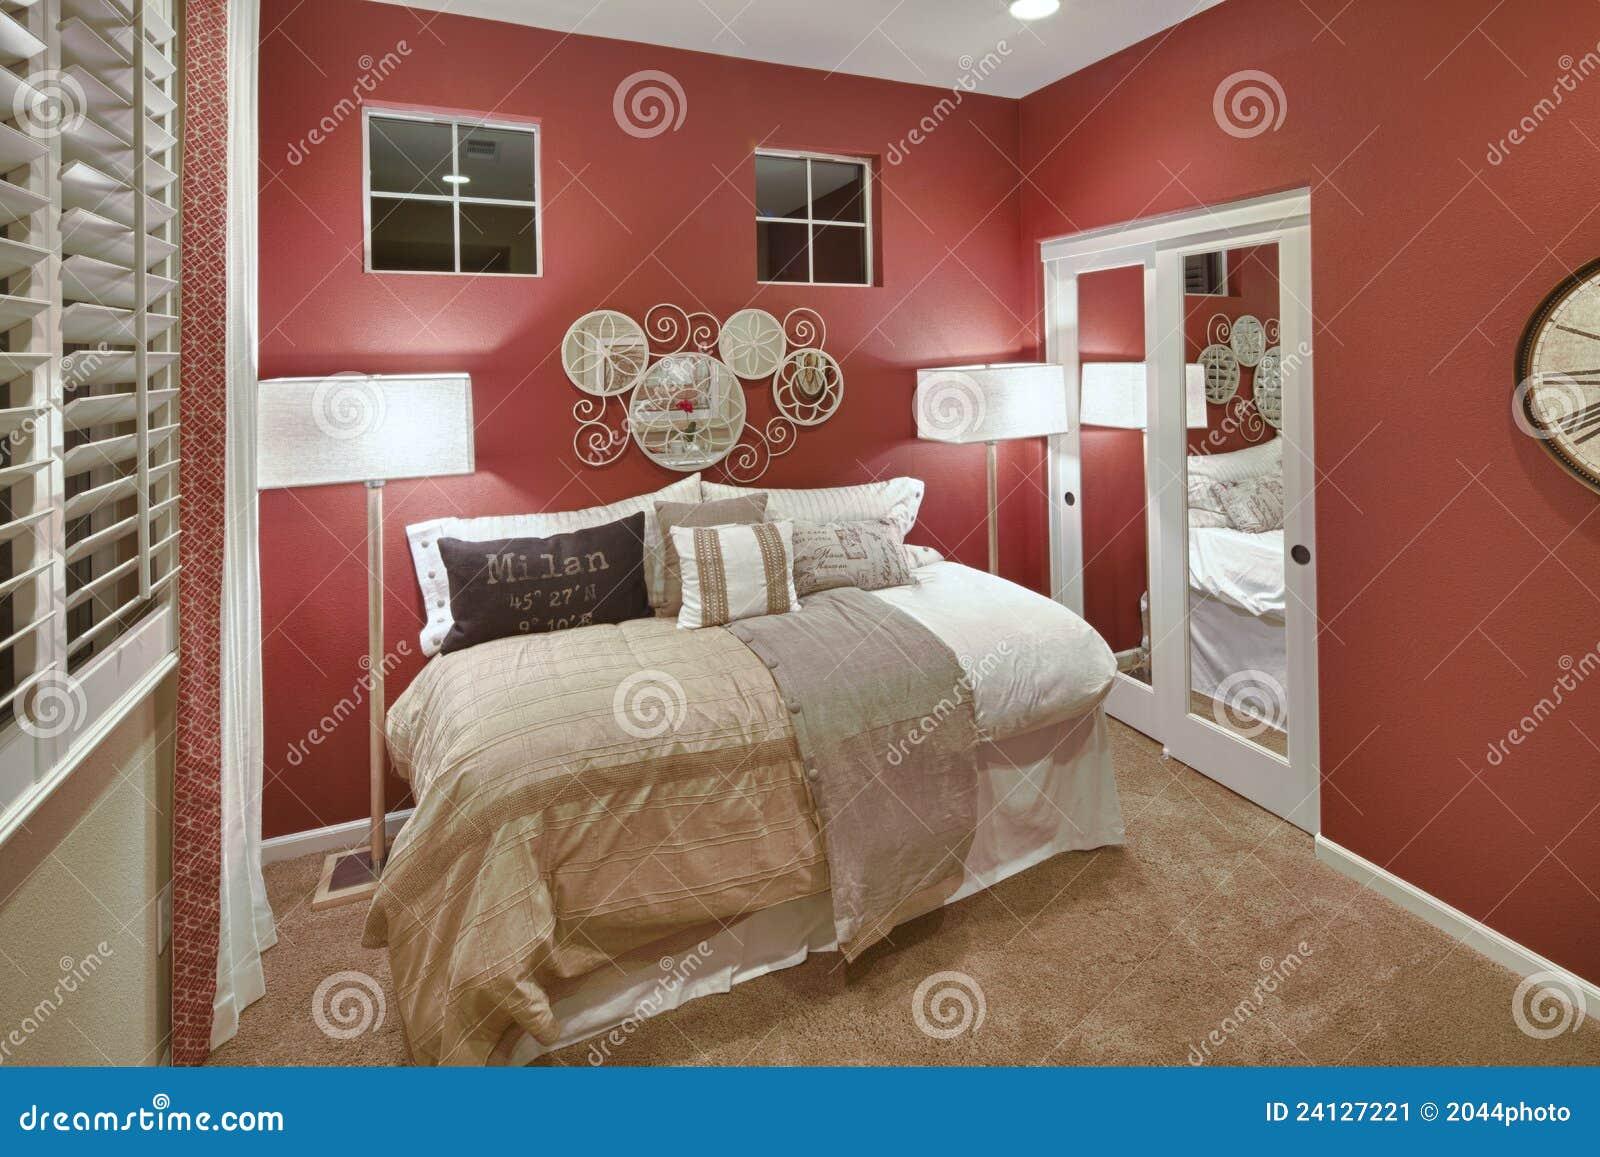 Cameretta bianca e rossa: la cameretta dei bambini le proposte più ...